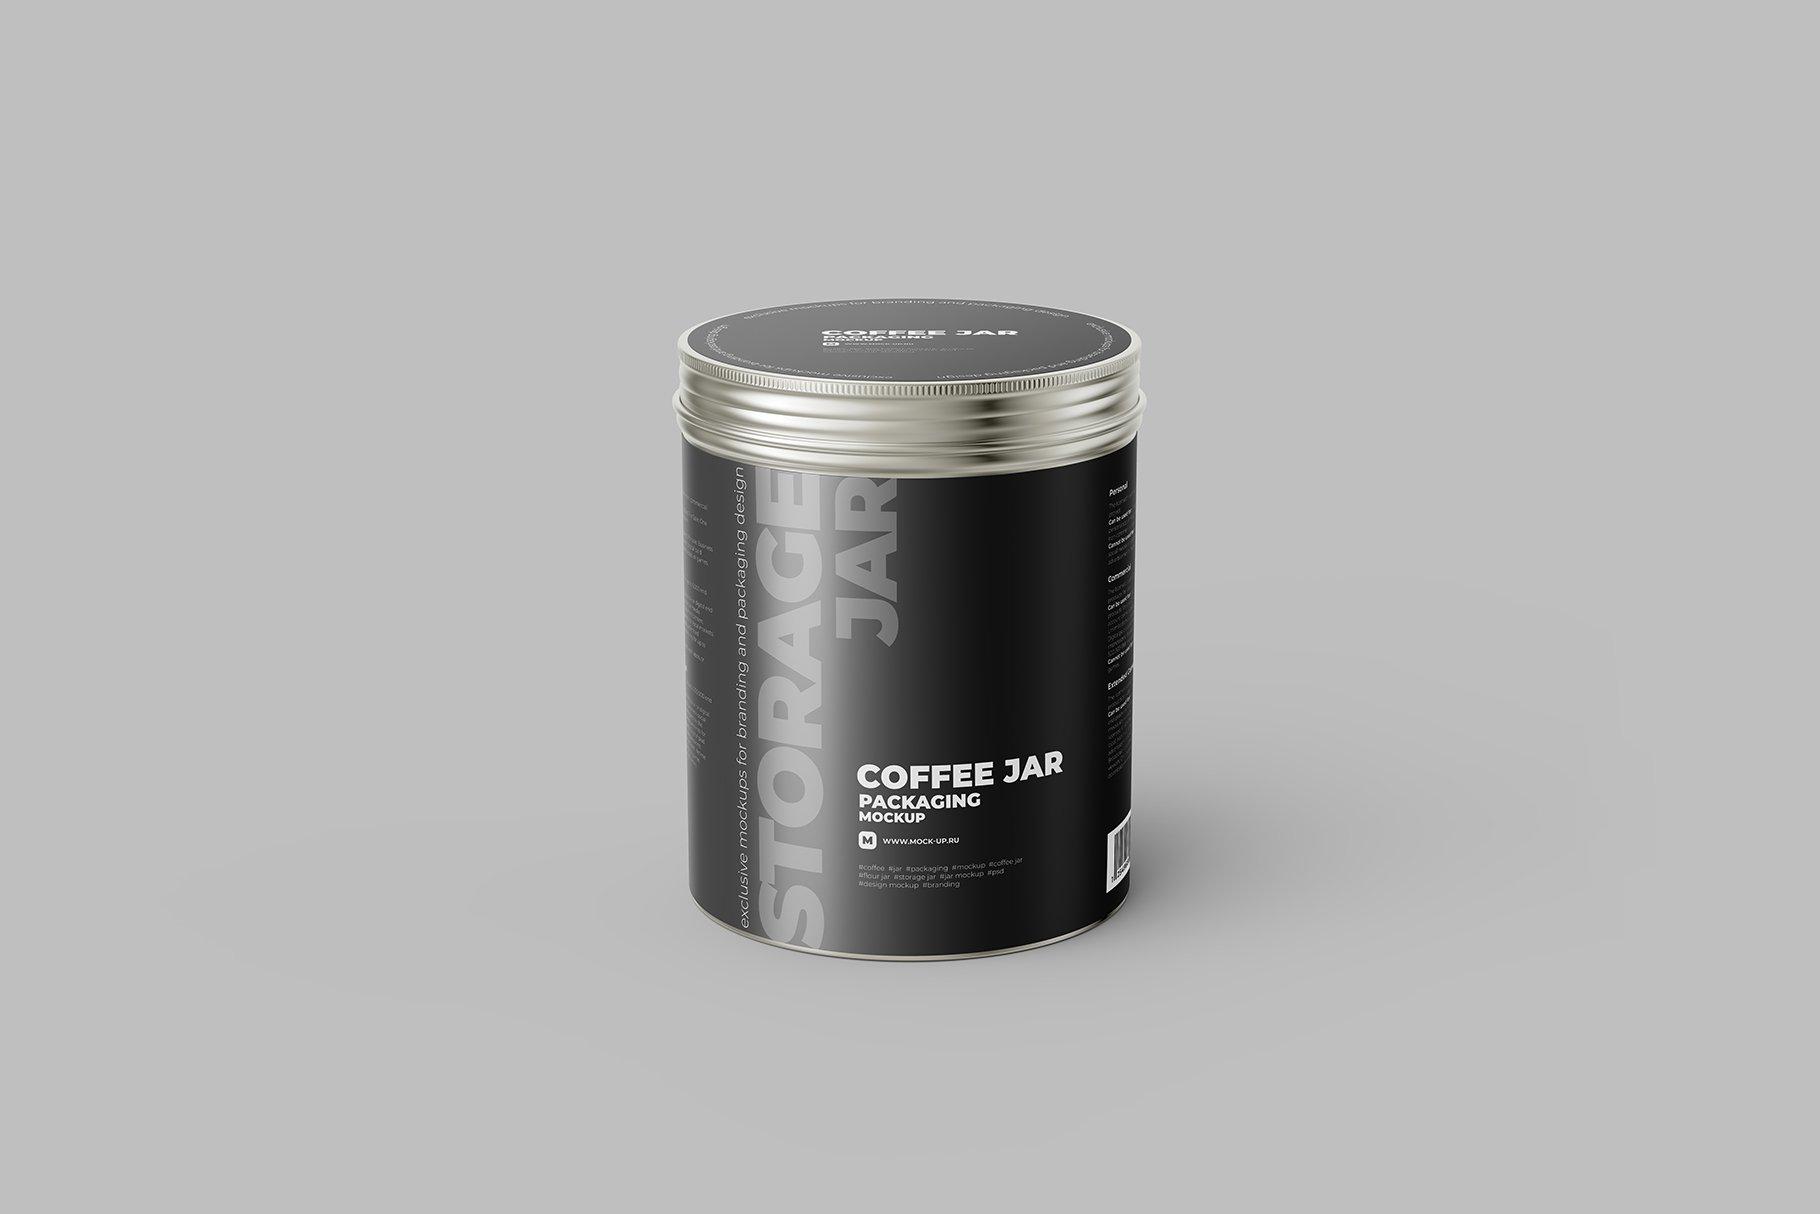 食品茶叶金属锡罐设计展示贴图样机模板 Metallic Storage Jar Angle View插图9